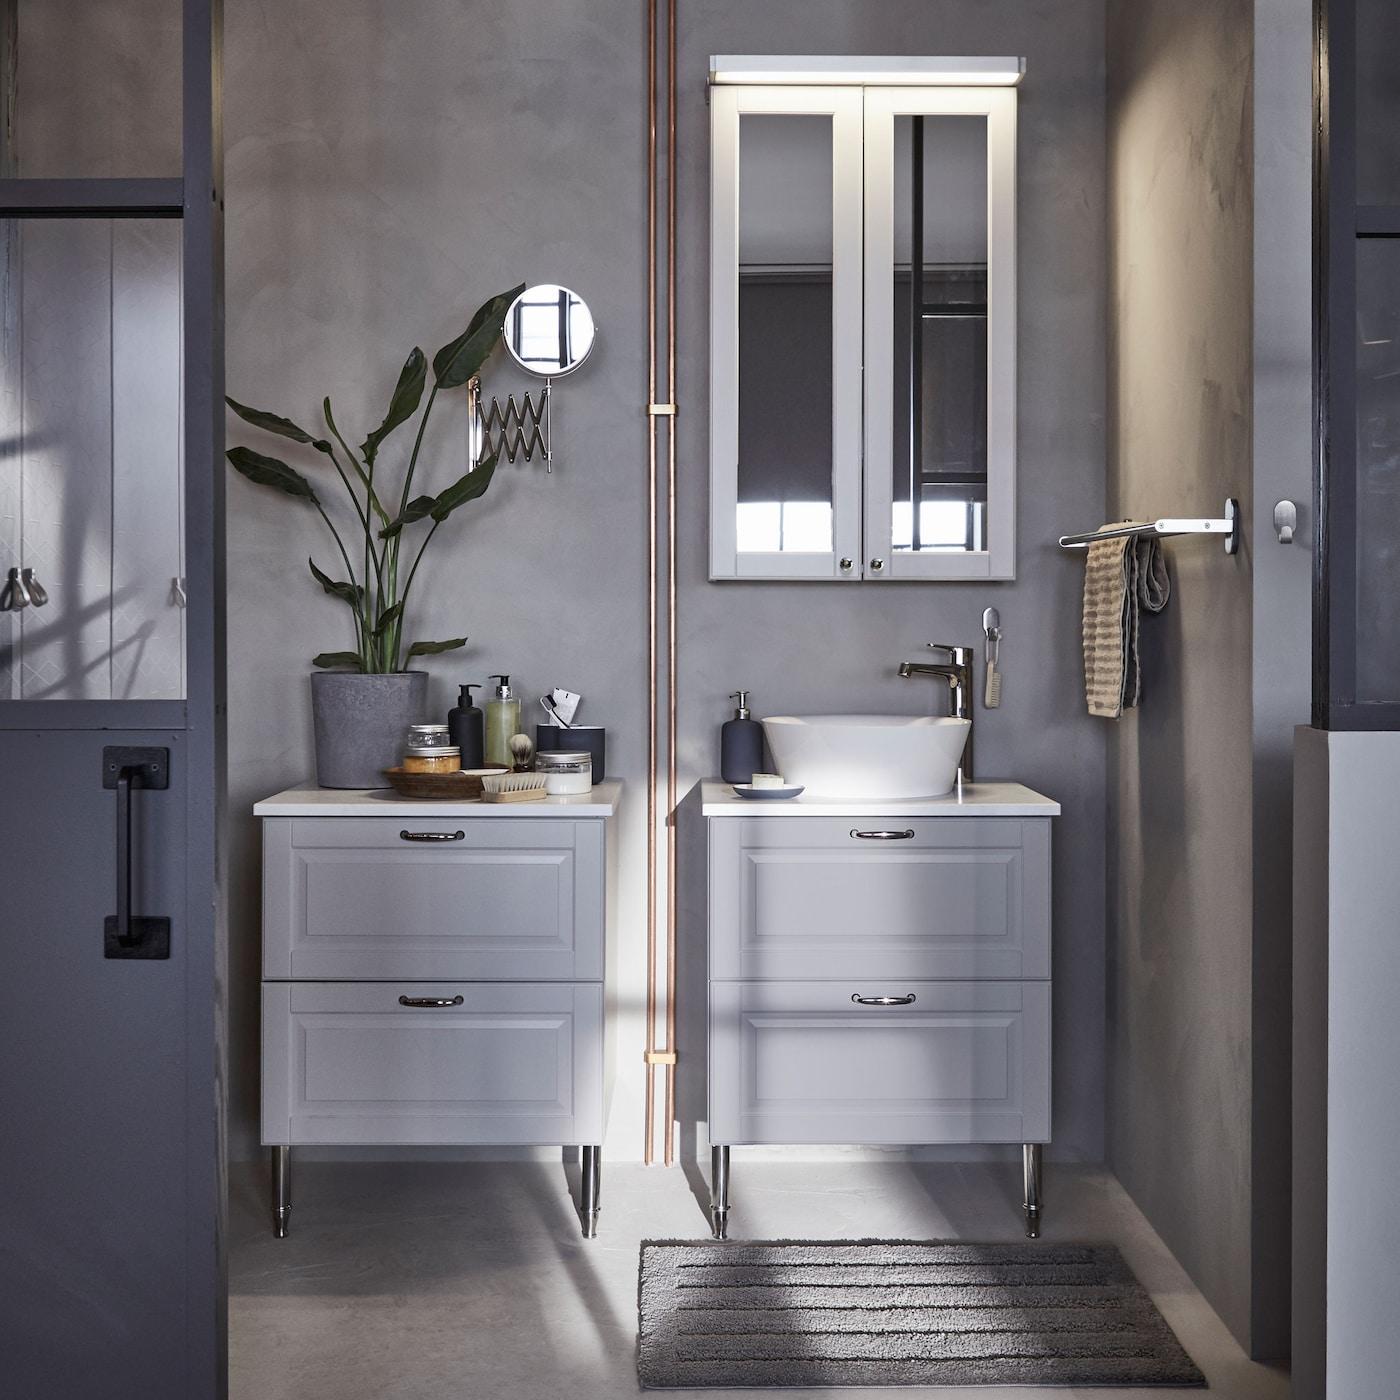 Los gabinetes y cajones para baño IKEA GODMORGON están hechos de madera sólida, mientras que las barras de melamina esconden huellas y marcas de salpicaduras.